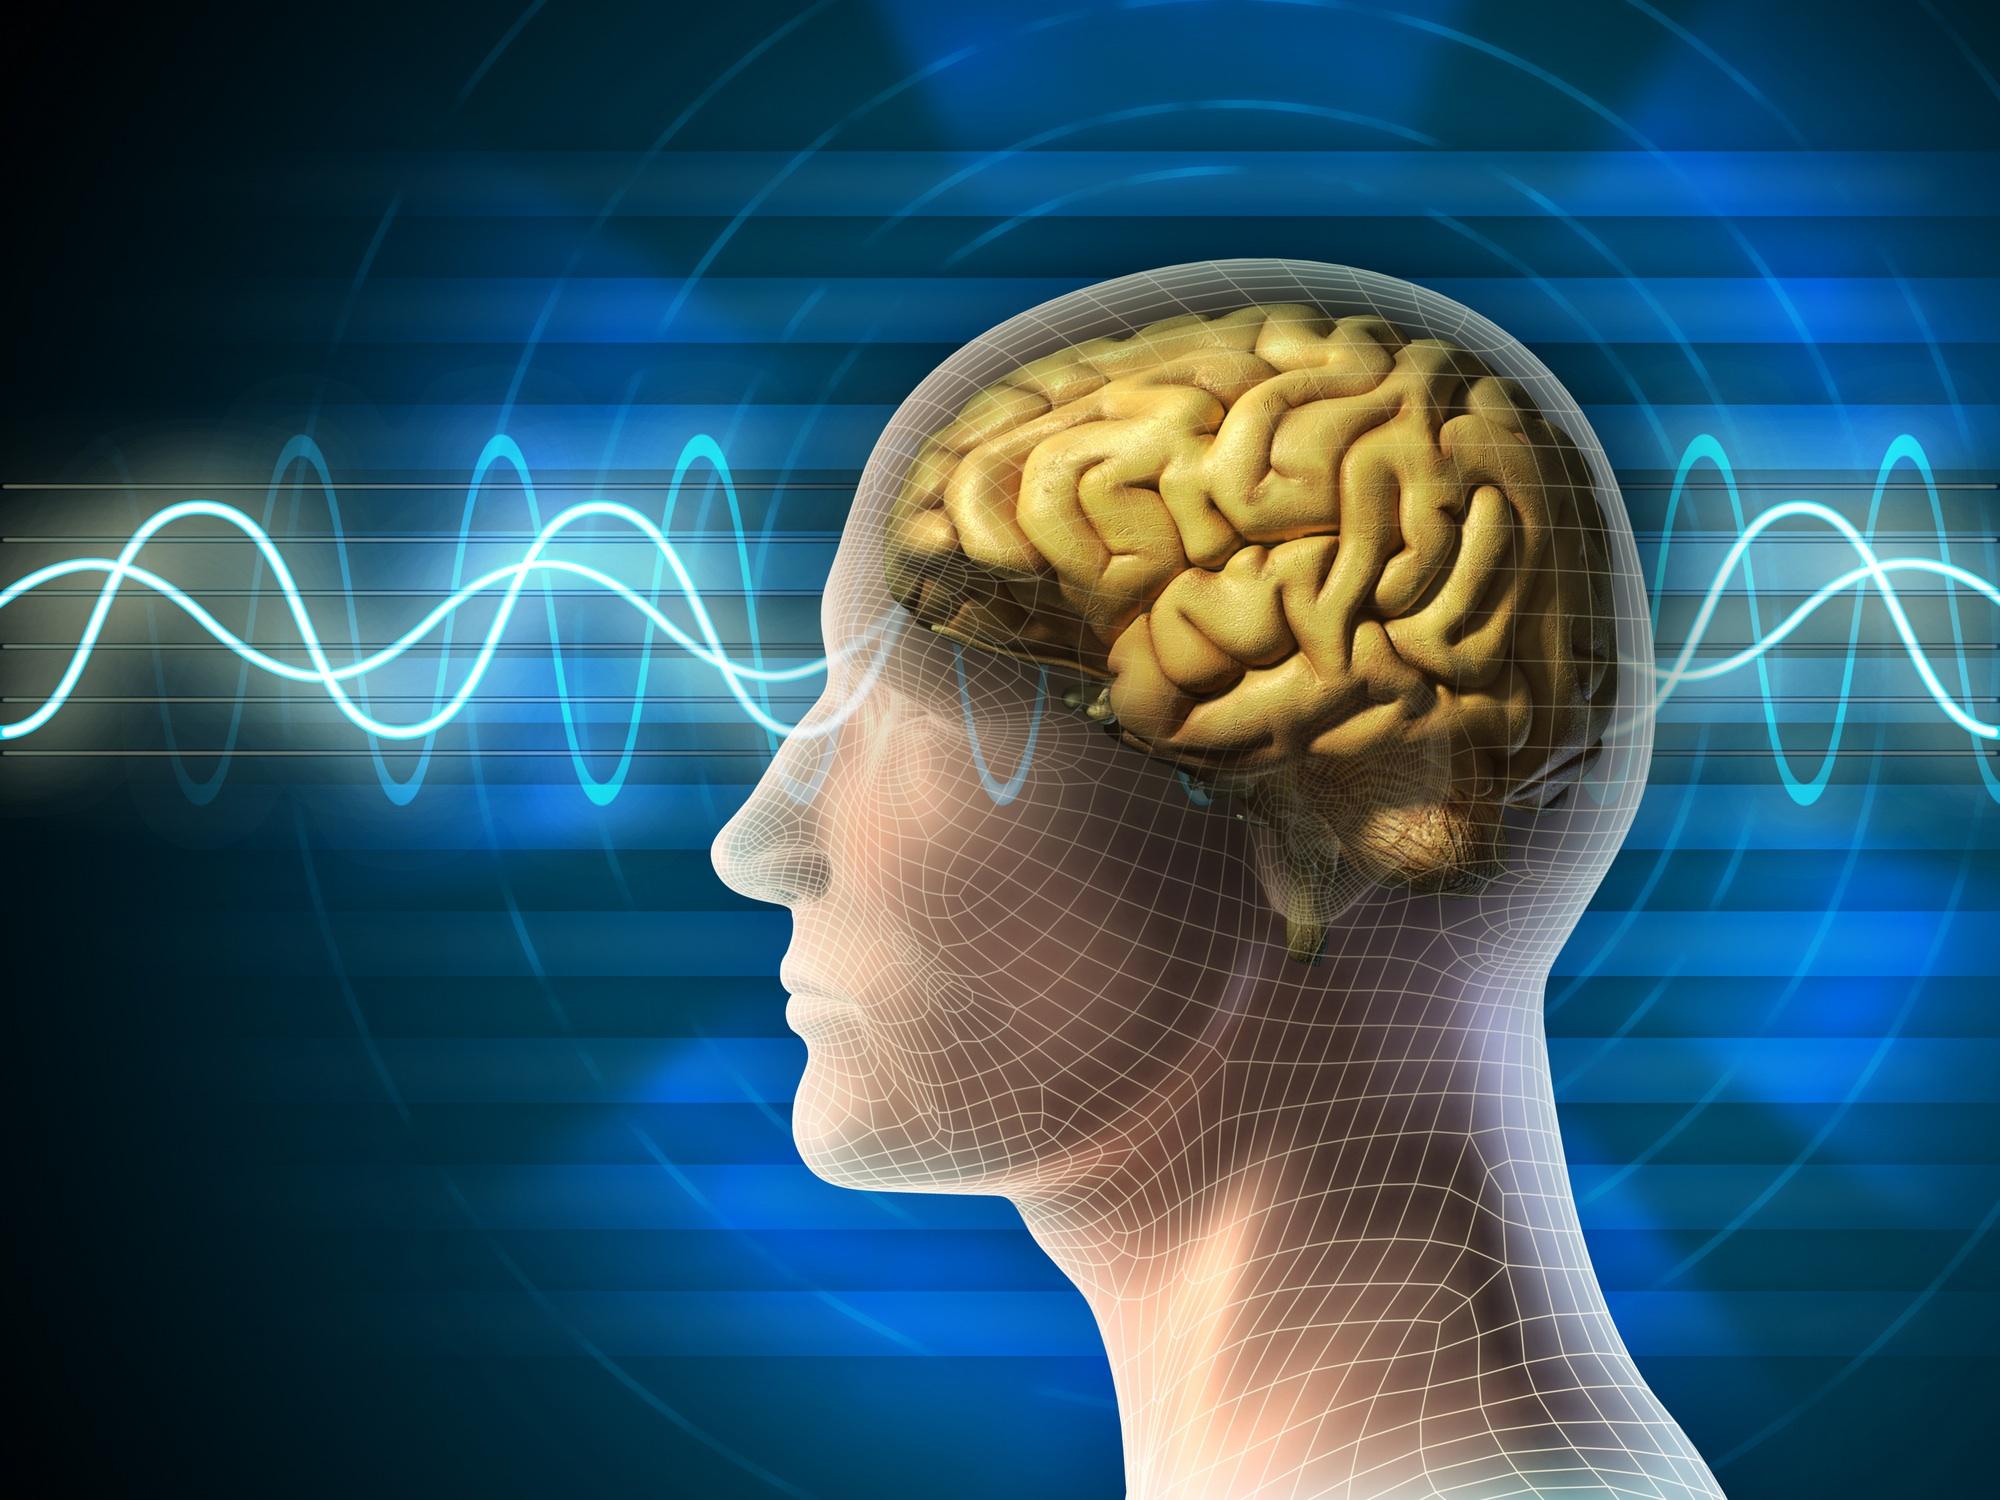 Delta hersengolf meditatie: liefdeslicht.com/wat-doen-wij/online-meditaties/hersengolven...